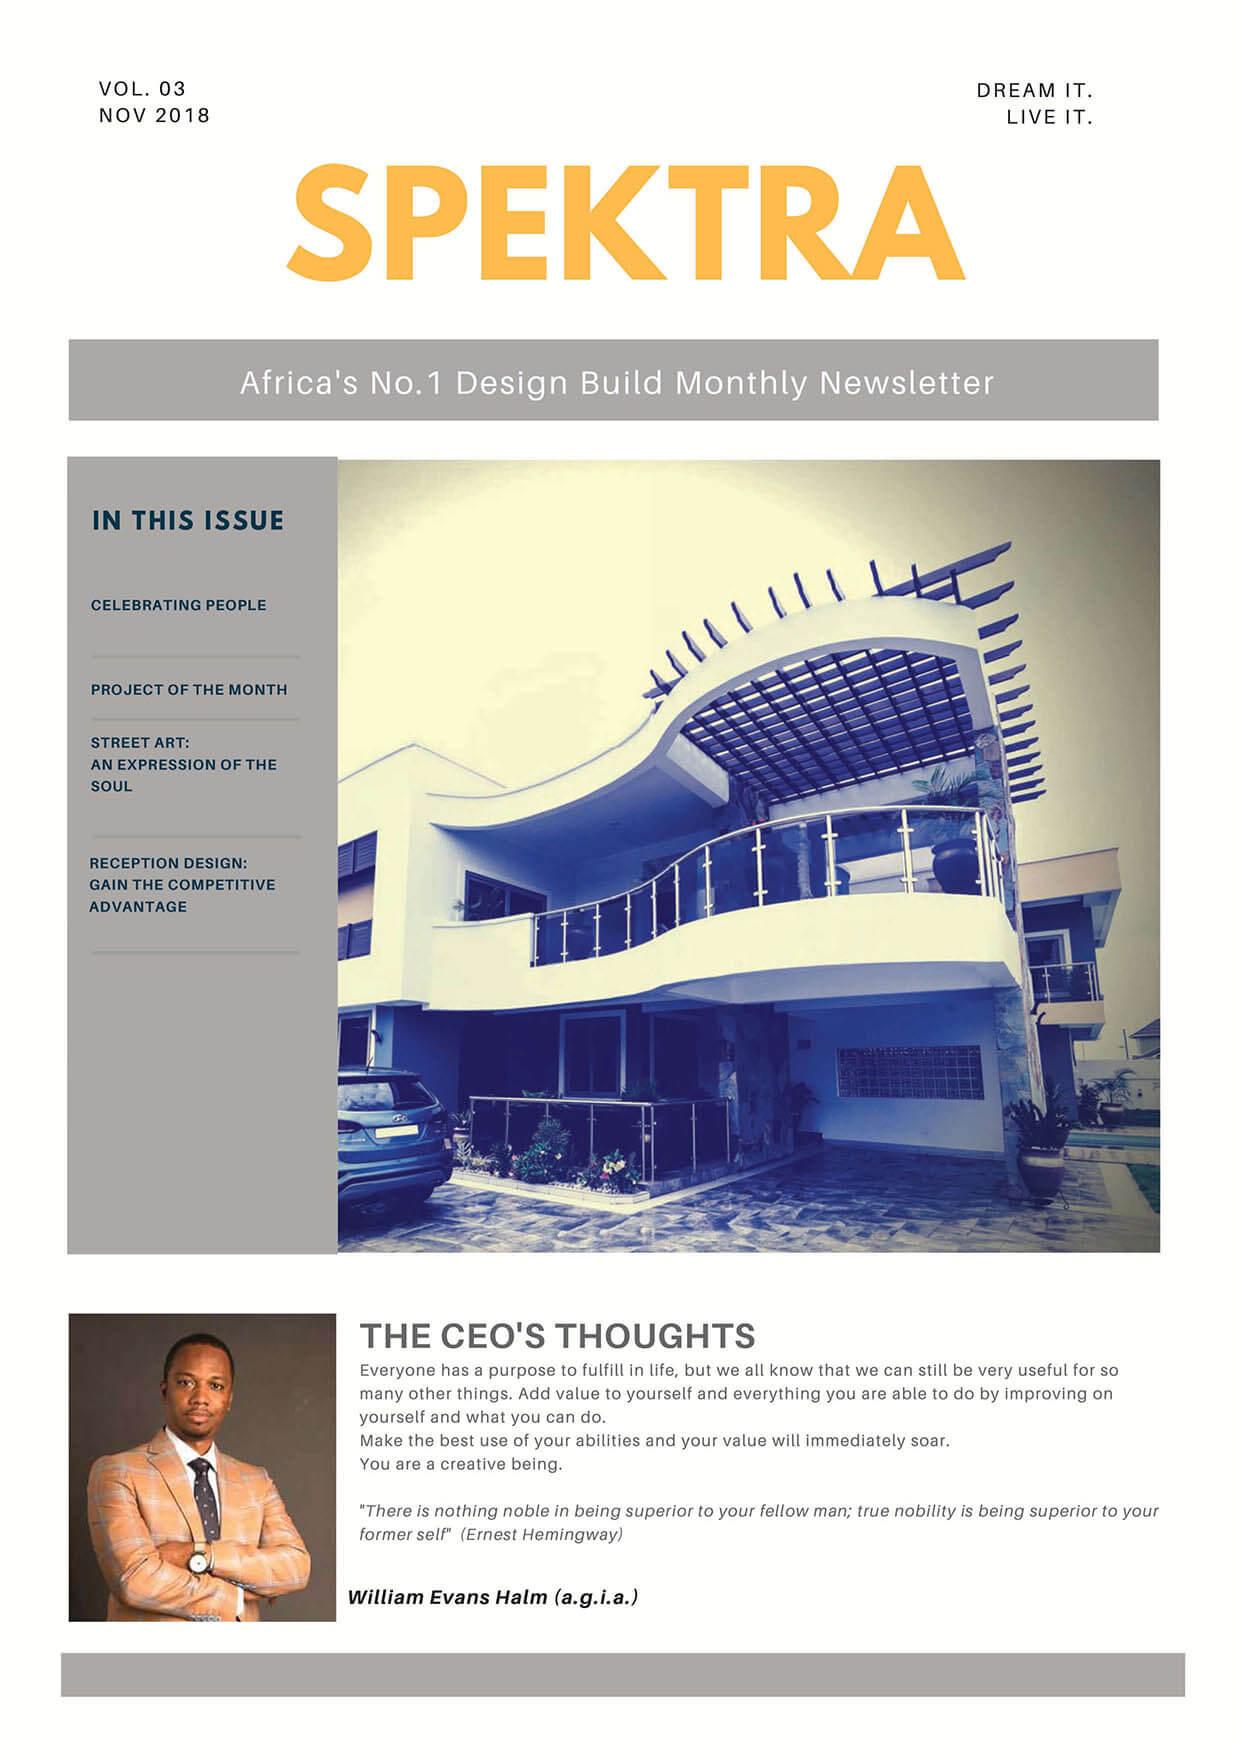 Issue 3 November 2018 - Spektra Newsletter_front-1